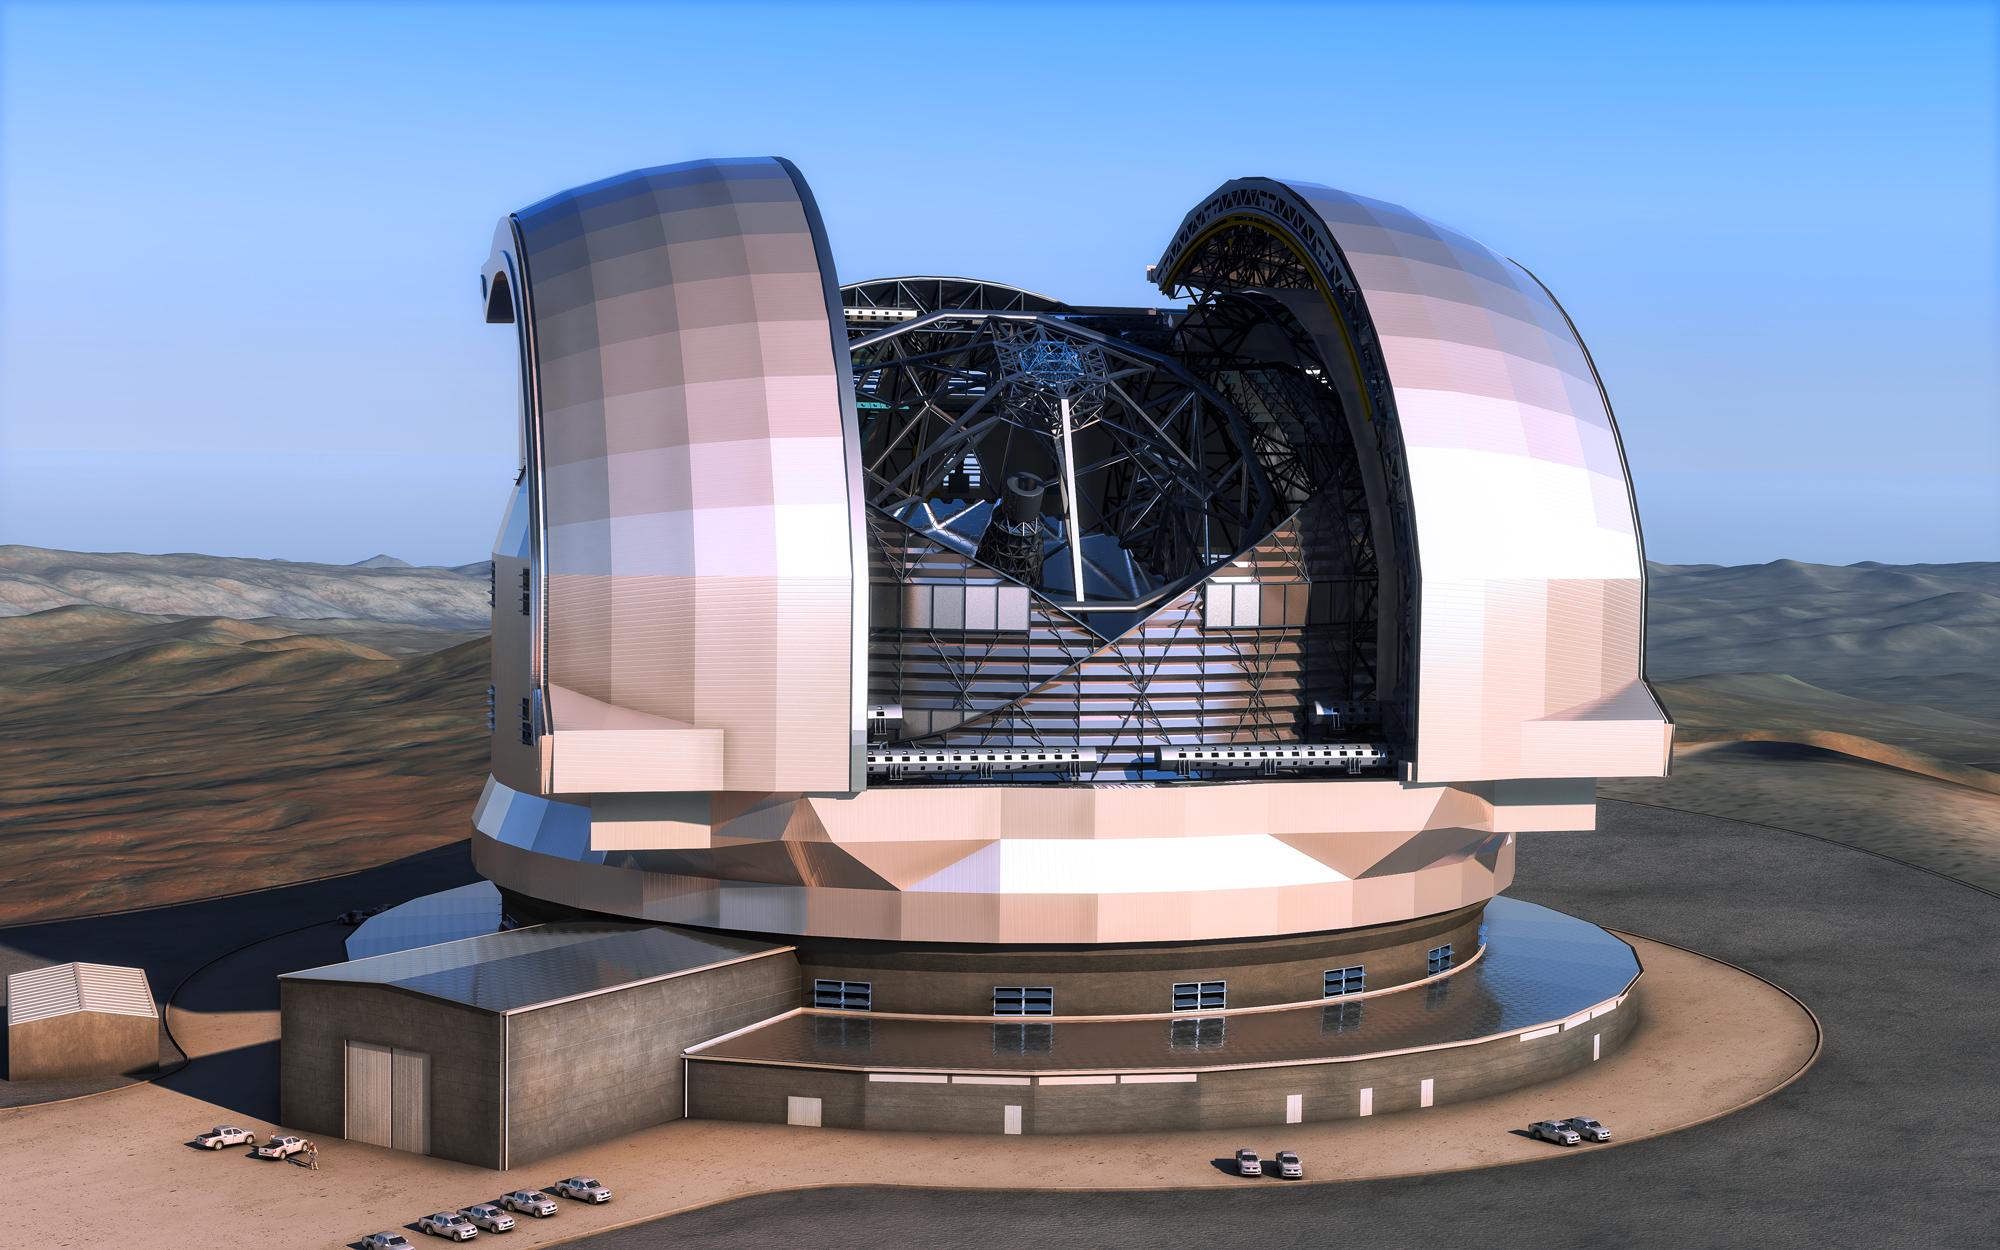 maiortelescopiomundo_02